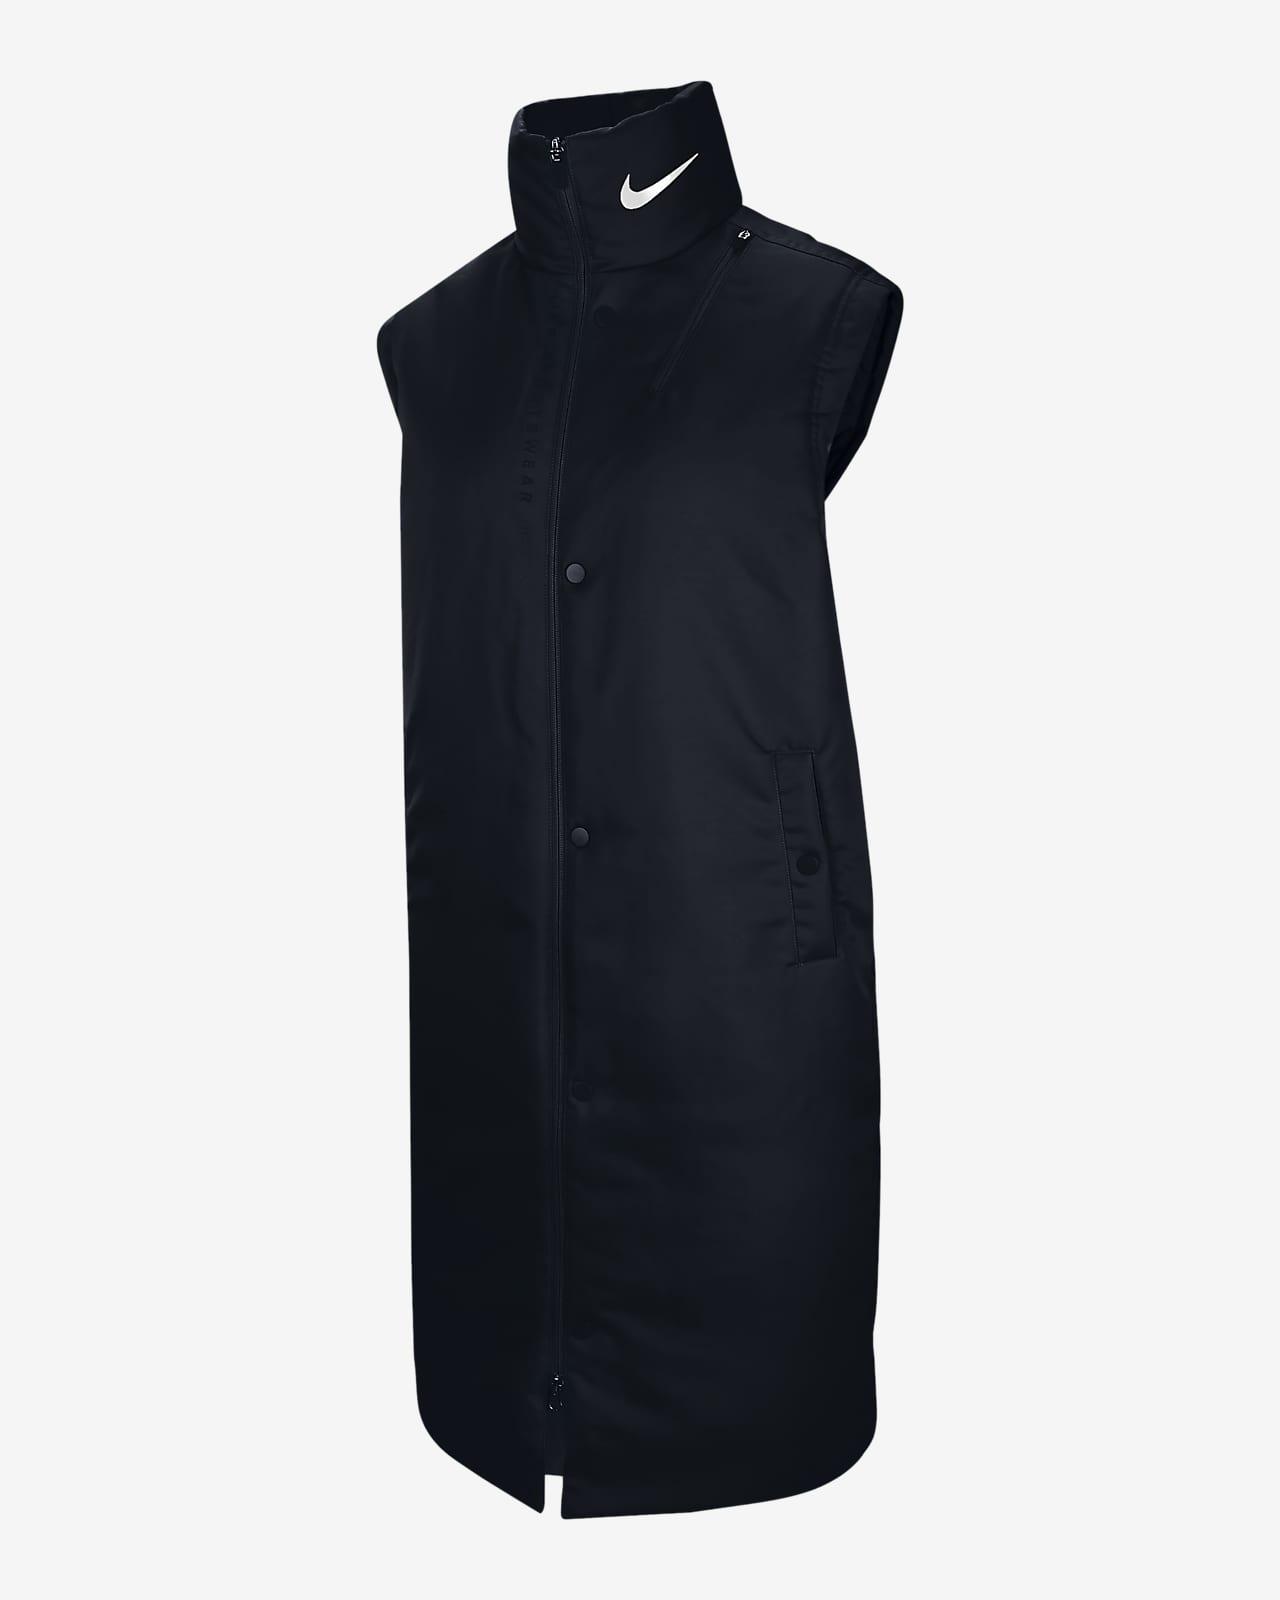 Nike Sportswear Synthetic-Fill Women's Gilet